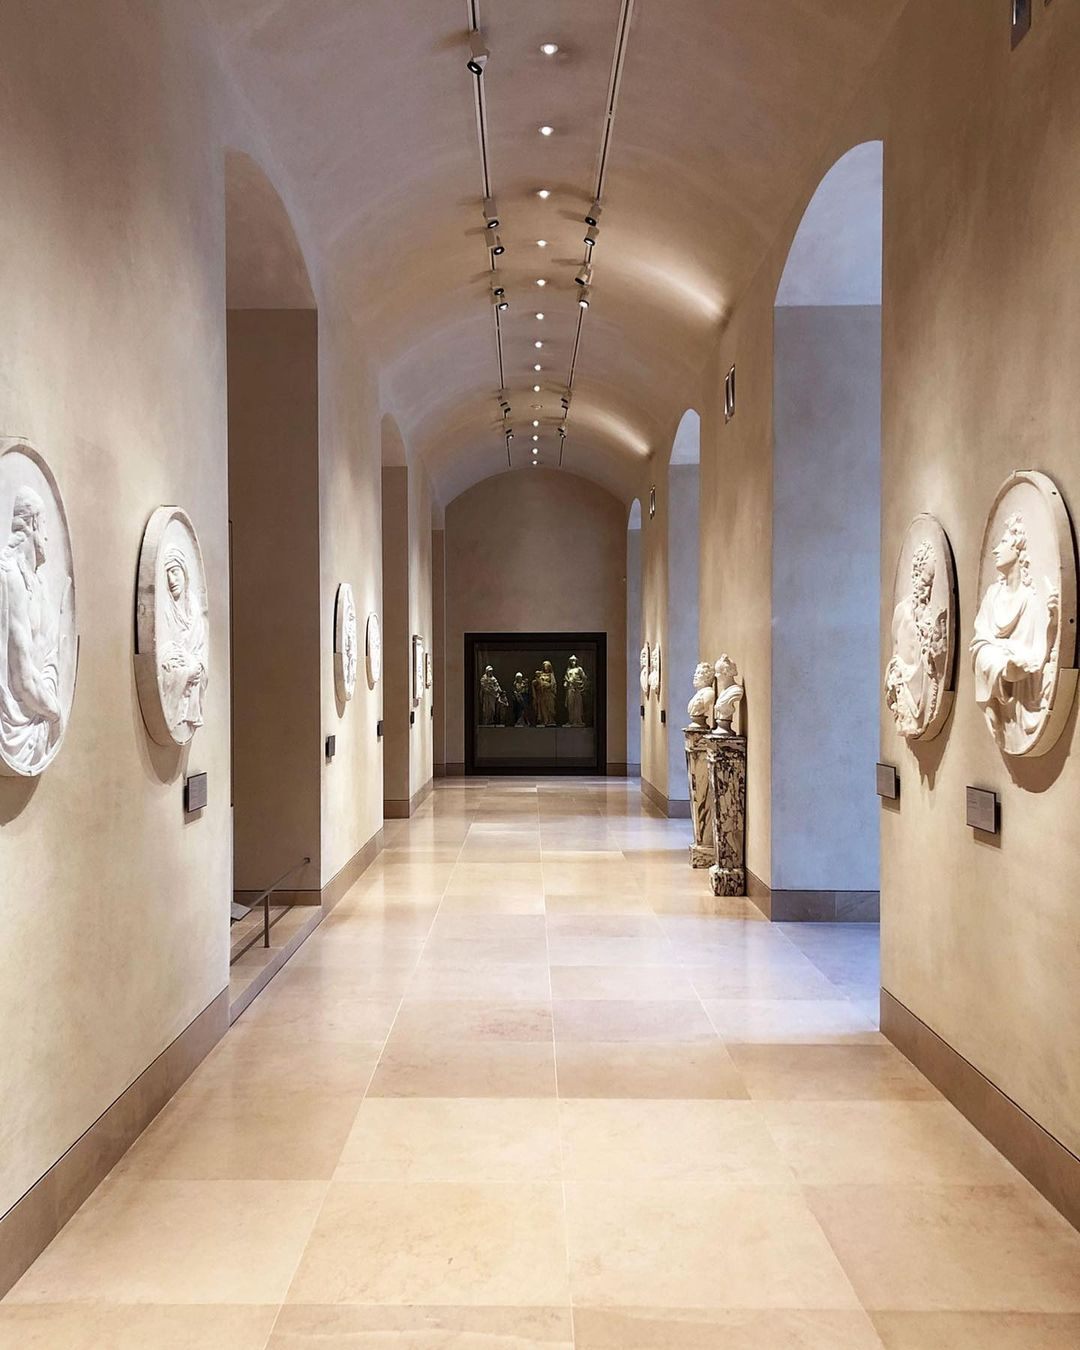 Musée du Louvre / Instagram